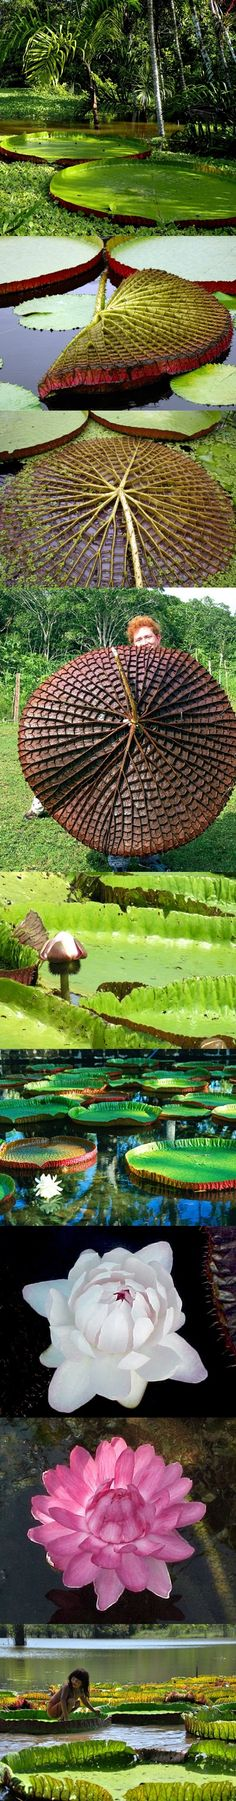 Amazonas - Brasil -VITORIA-REGIA -es una de las mayores plantas acuáticas del mundo, sus hojas pueden llegar a medir hasta 2,5 mts y son capaces de soportar una carga de hasta 40 kg.